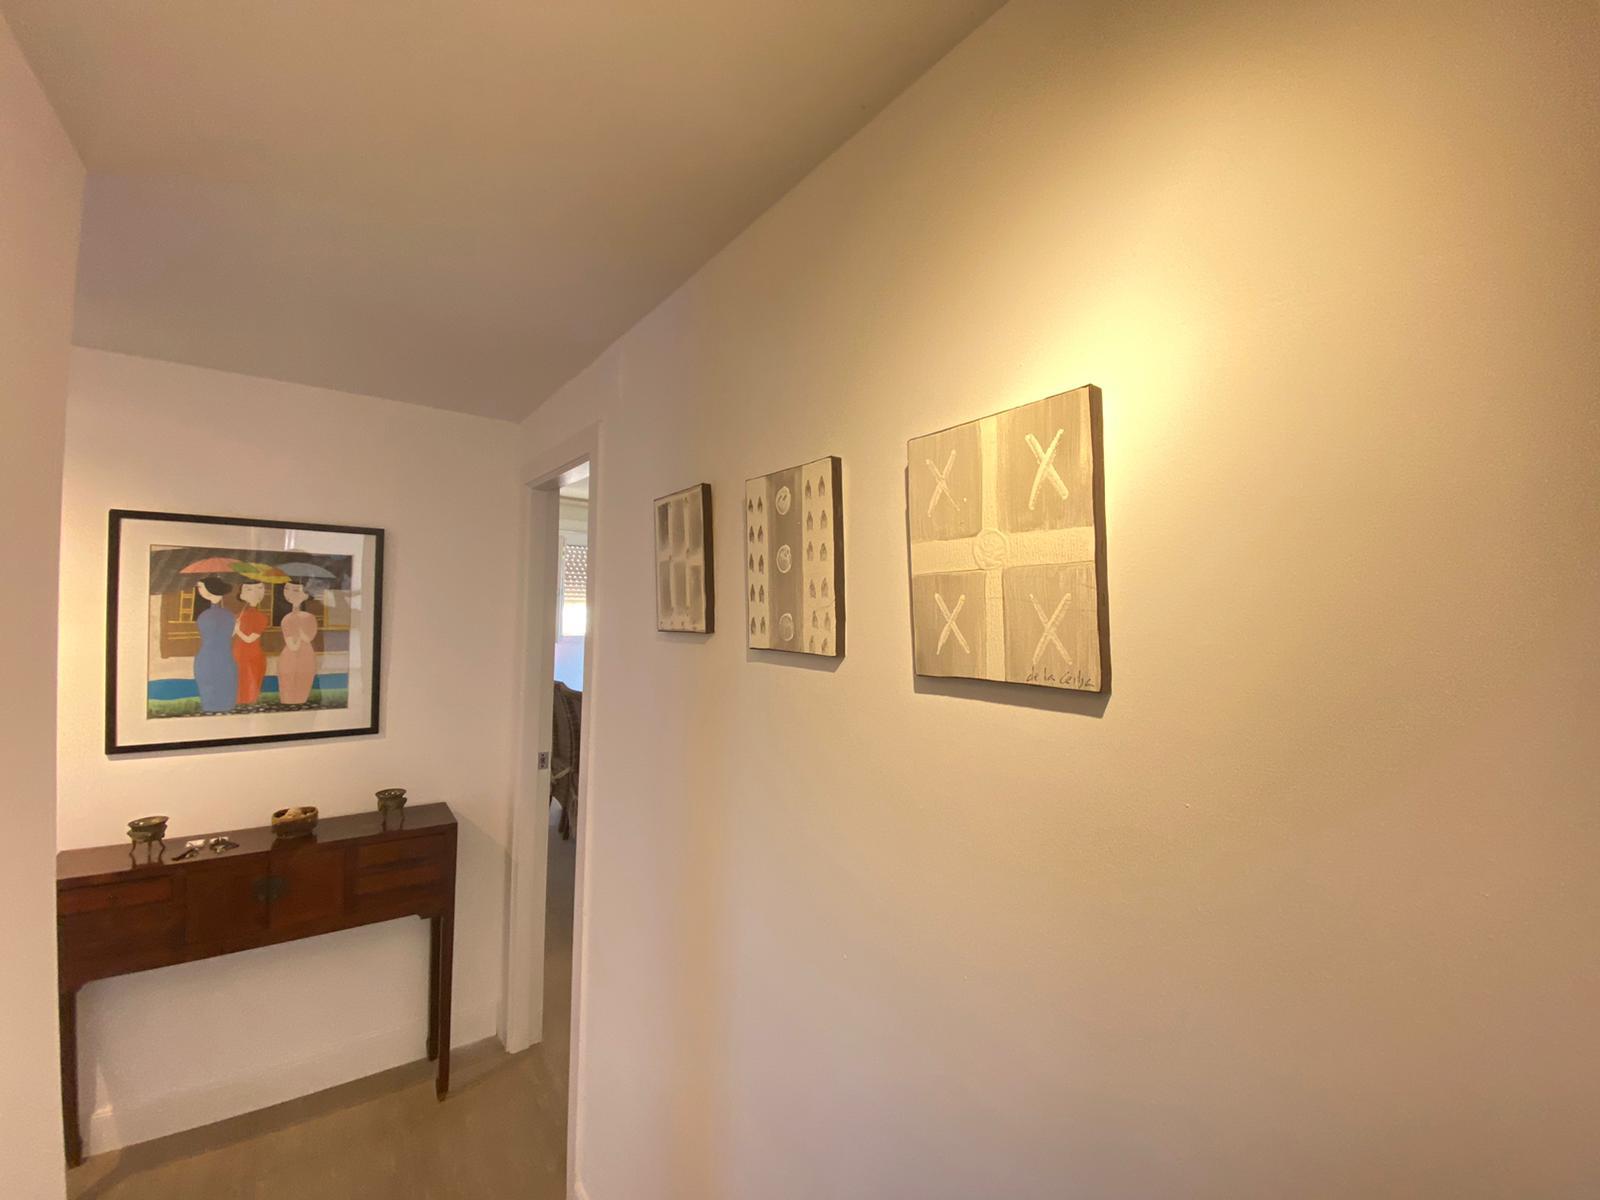 Imagen 35 del Apartamento Turístico, Ático 6 Levante (3d+2b), Punta del Moral (HUELVA), Paseo de la Cruz nº22